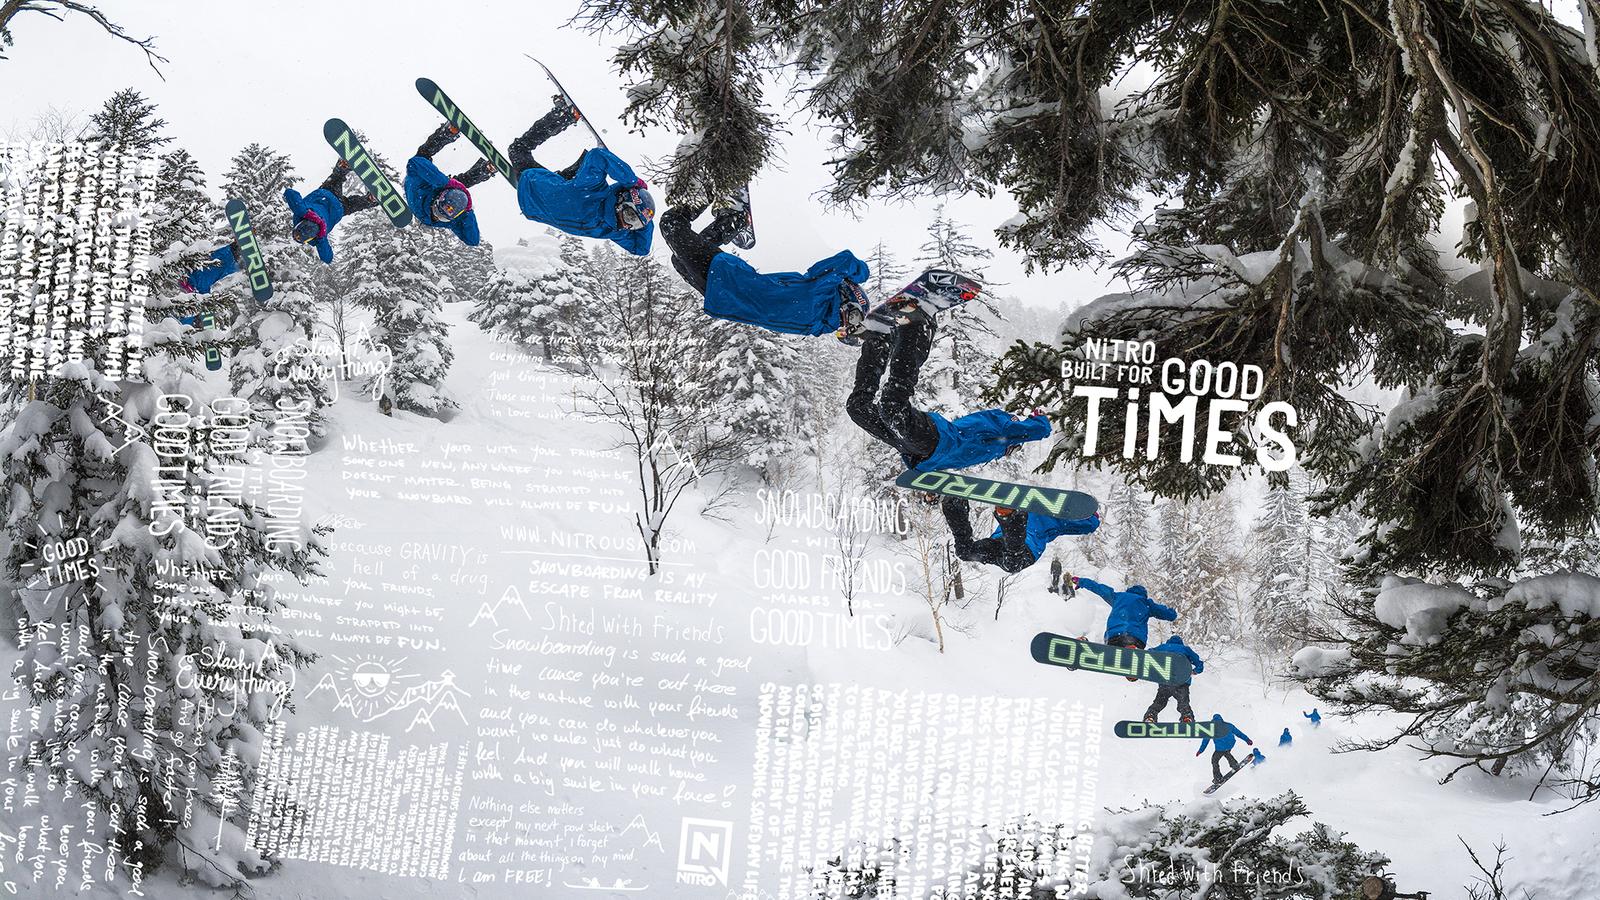 Nitro Snowboard Markus Kleveland